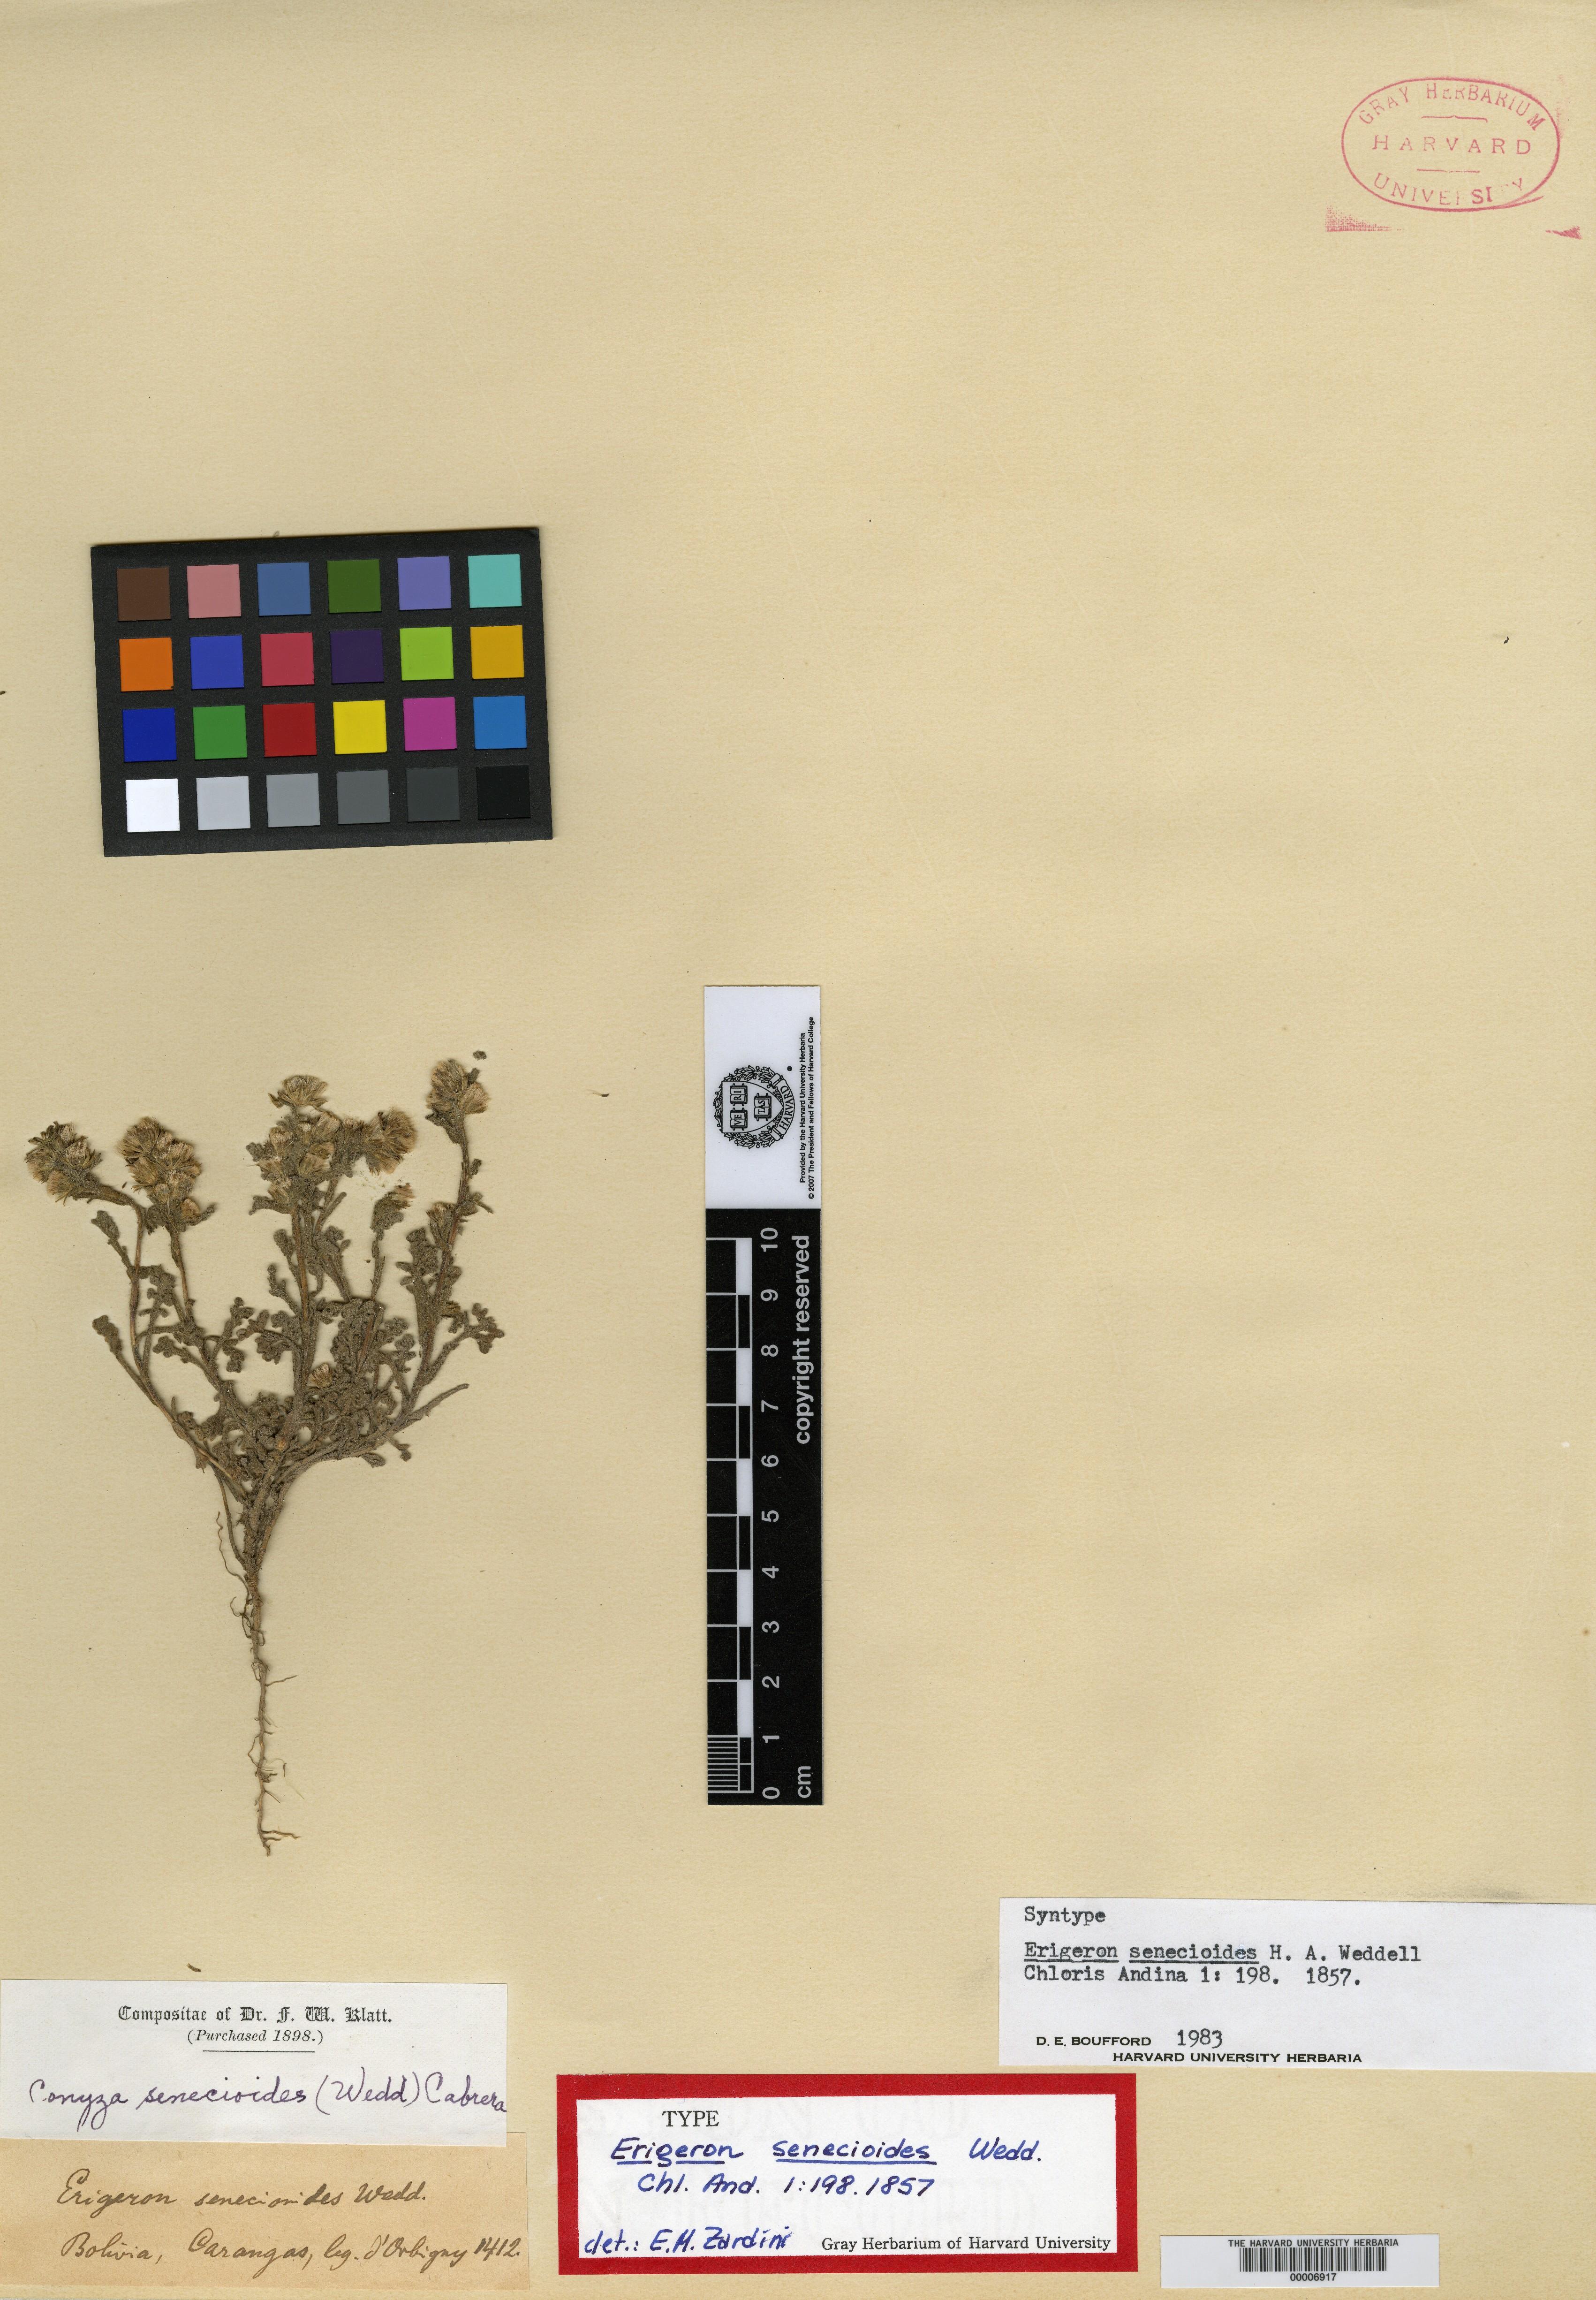 Erigeron senecioides image